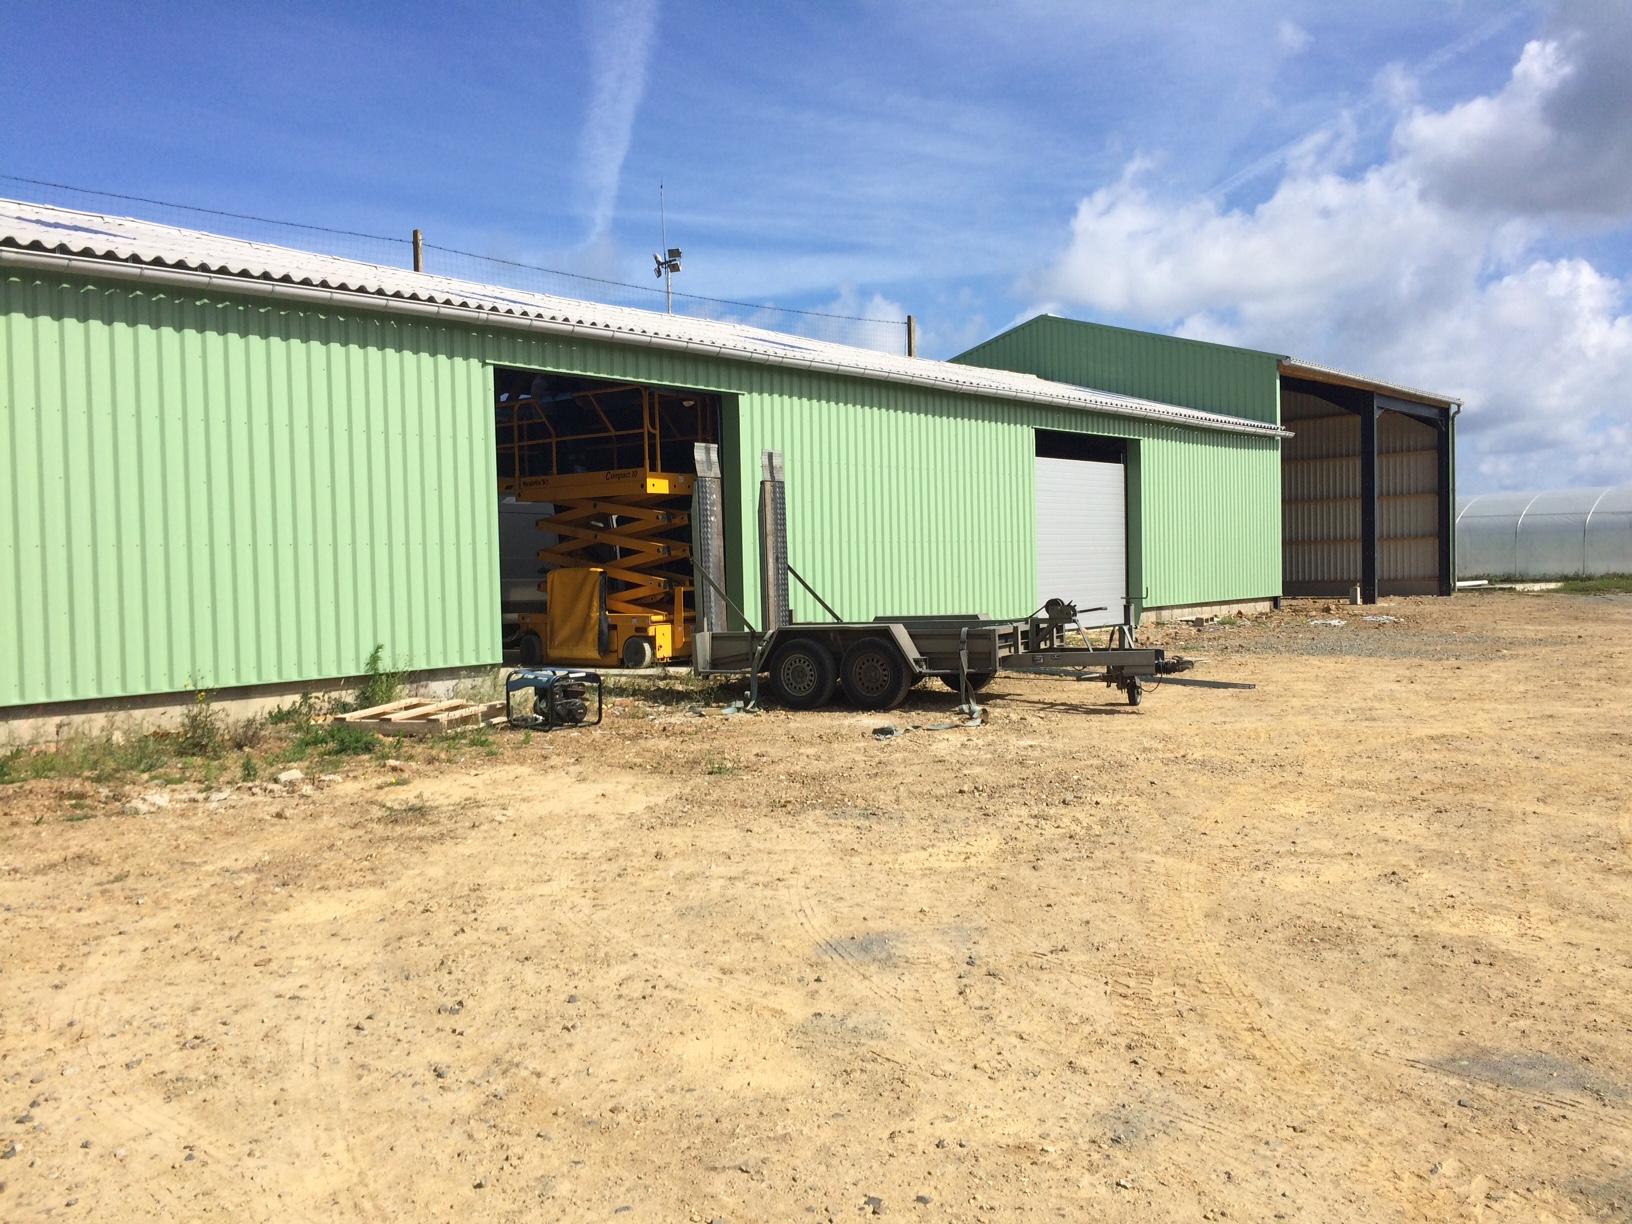 Les travaux se poursuivent aux nouveaux bâtiments communaux pour les services techniques